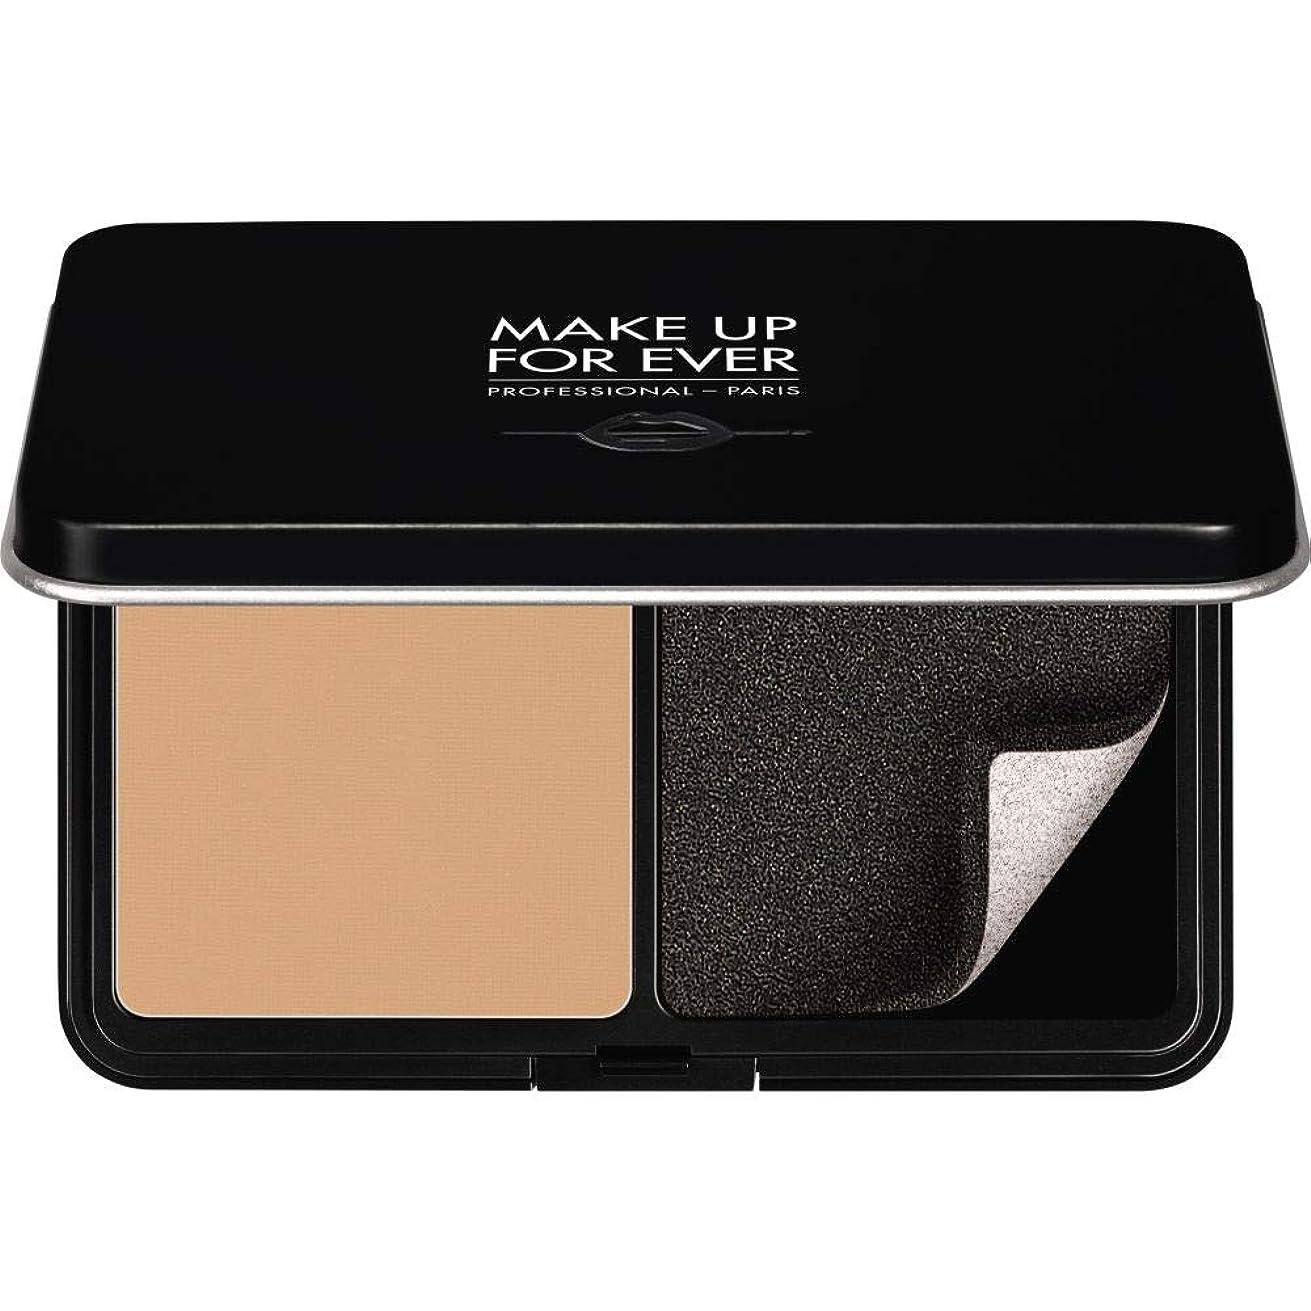 石膏盟主窓を洗う[MAKE UP FOR EVER ] ニュートラルベージュ - パウダーファンデーション11GののY355をぼかし、これまでマットベルベットの肌を補います - MAKE UP FOR EVER Matte Velvet Skin Blurring Powder Foundation 11g Y355 - Neutral Beige [並行輸入品]